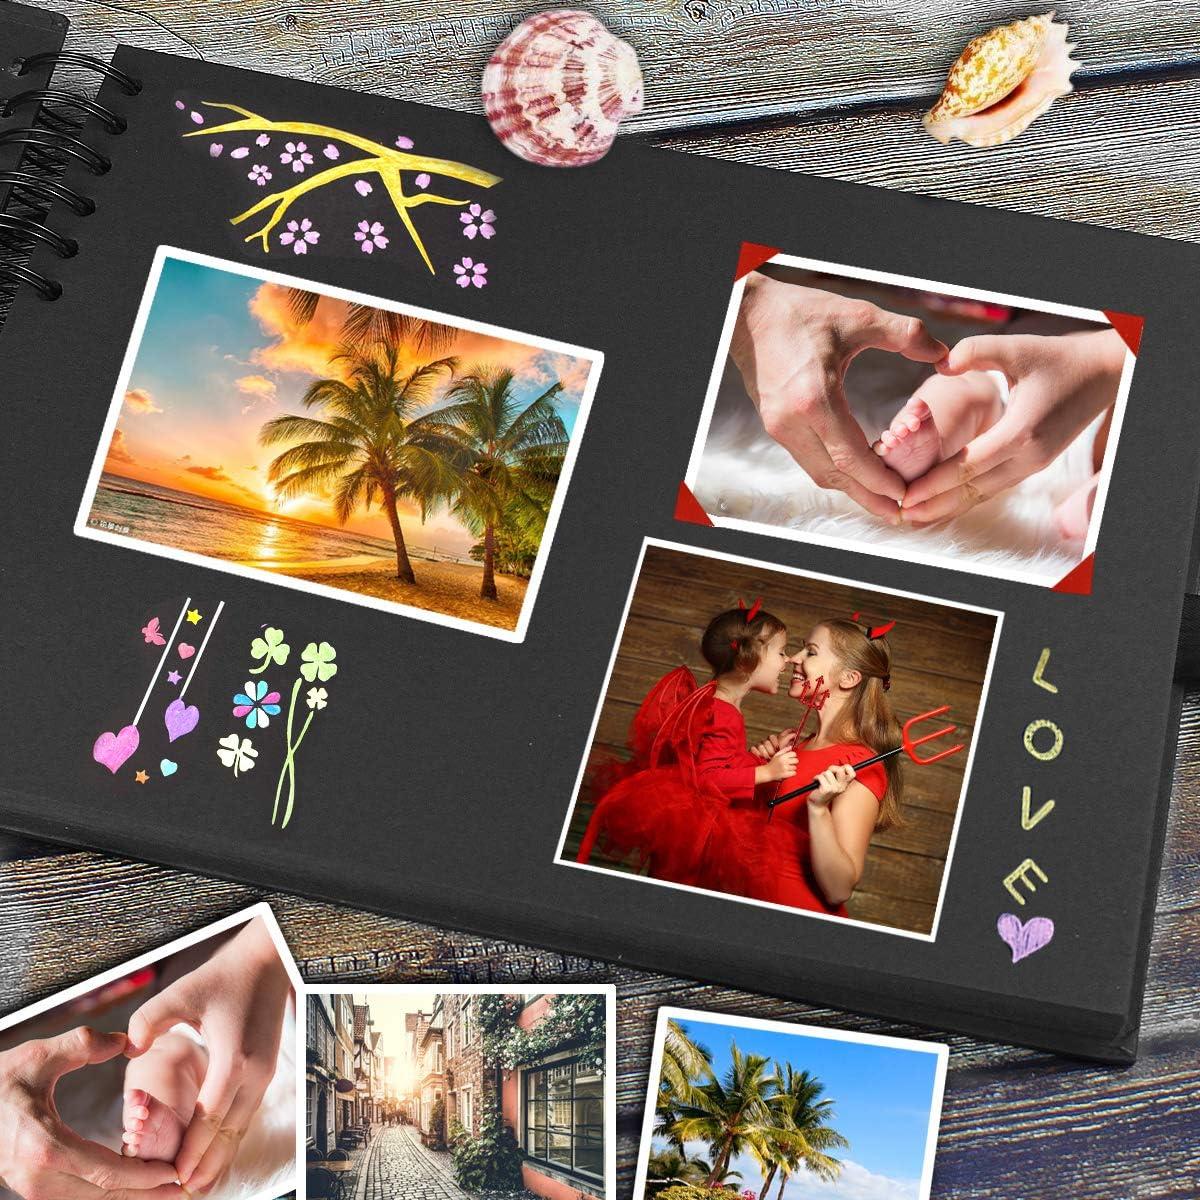 Album de Fotos para Pegar y Escribir Album Fotos Scrapbook 80 P/áginas Hojas Negras Personalizar /álbum de Fotos DIY Scrapbooking Albunes para Fotos para Regalar Enamorados//Boda//Graduaci/ón//Navidad